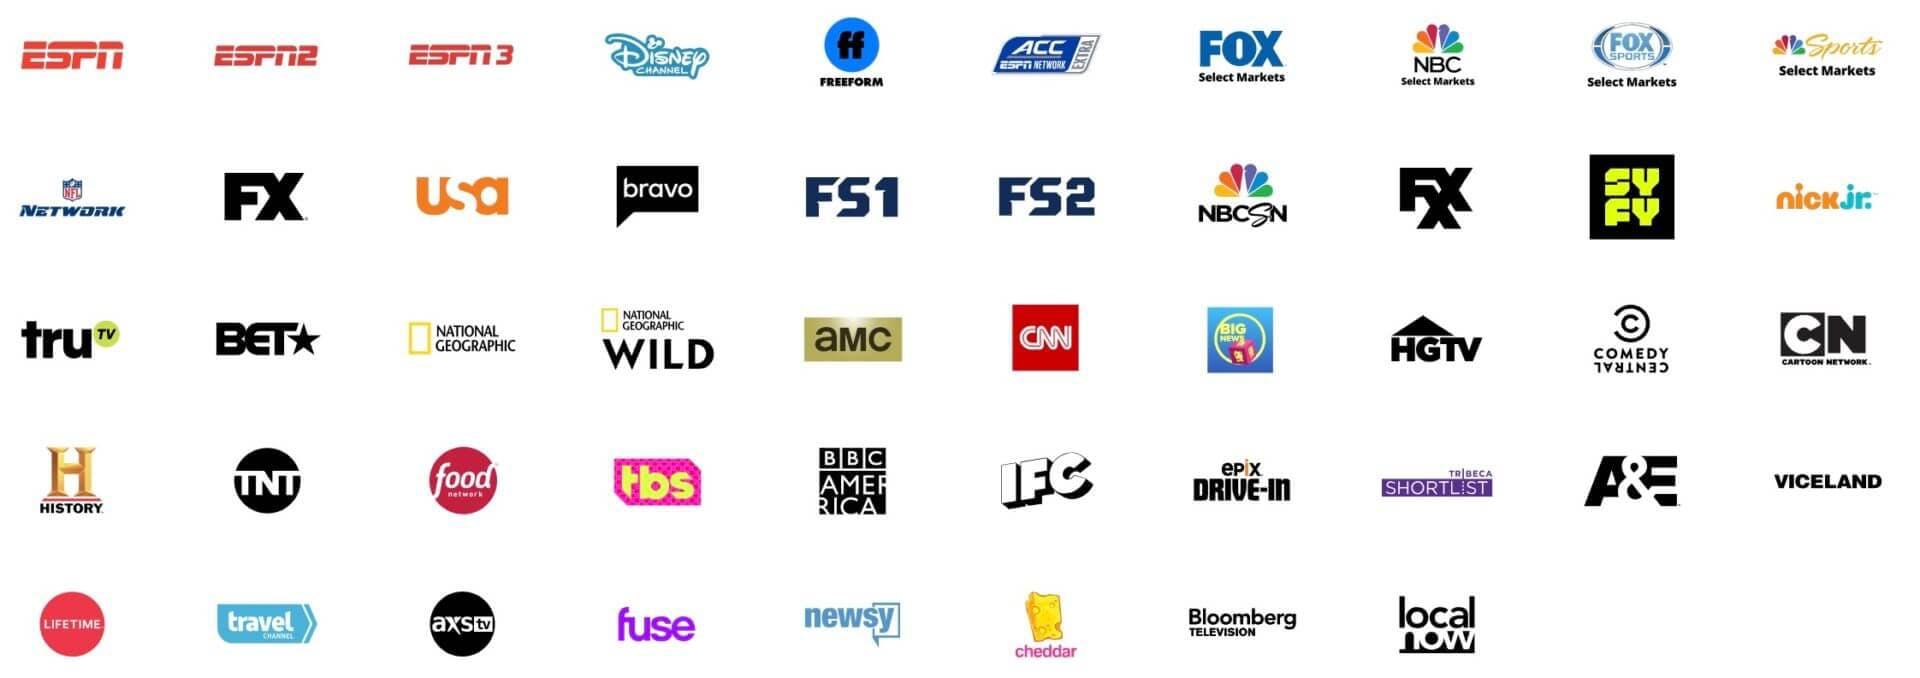 patriots bills sling tv nfl cbs streaming